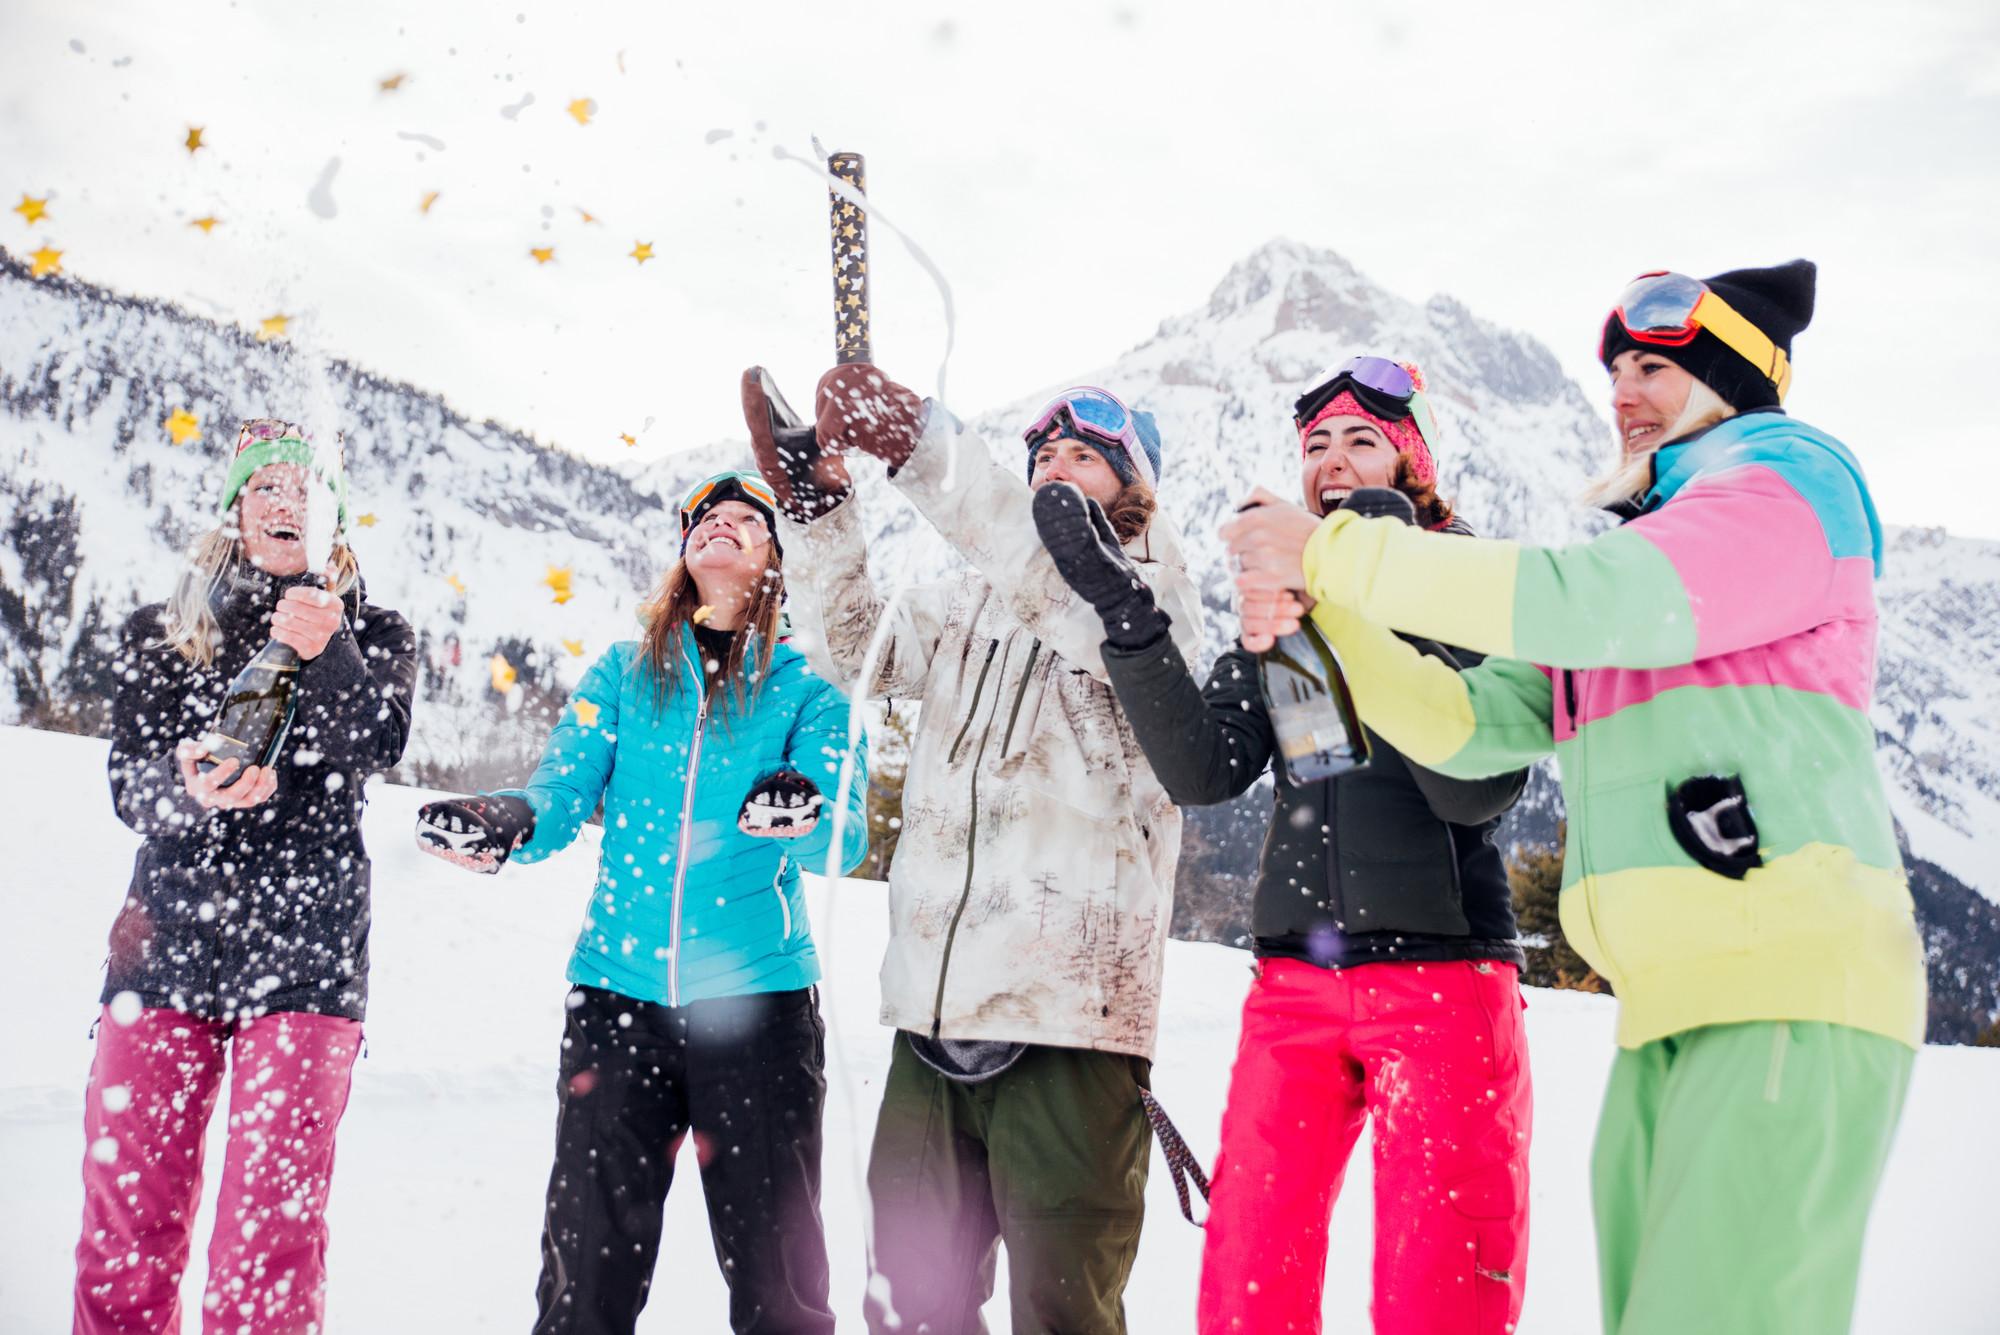 Viele Wintersportler wollen im Skiurlaub nicht auf guten Après-Ski  verzichten. e67f5bbdf